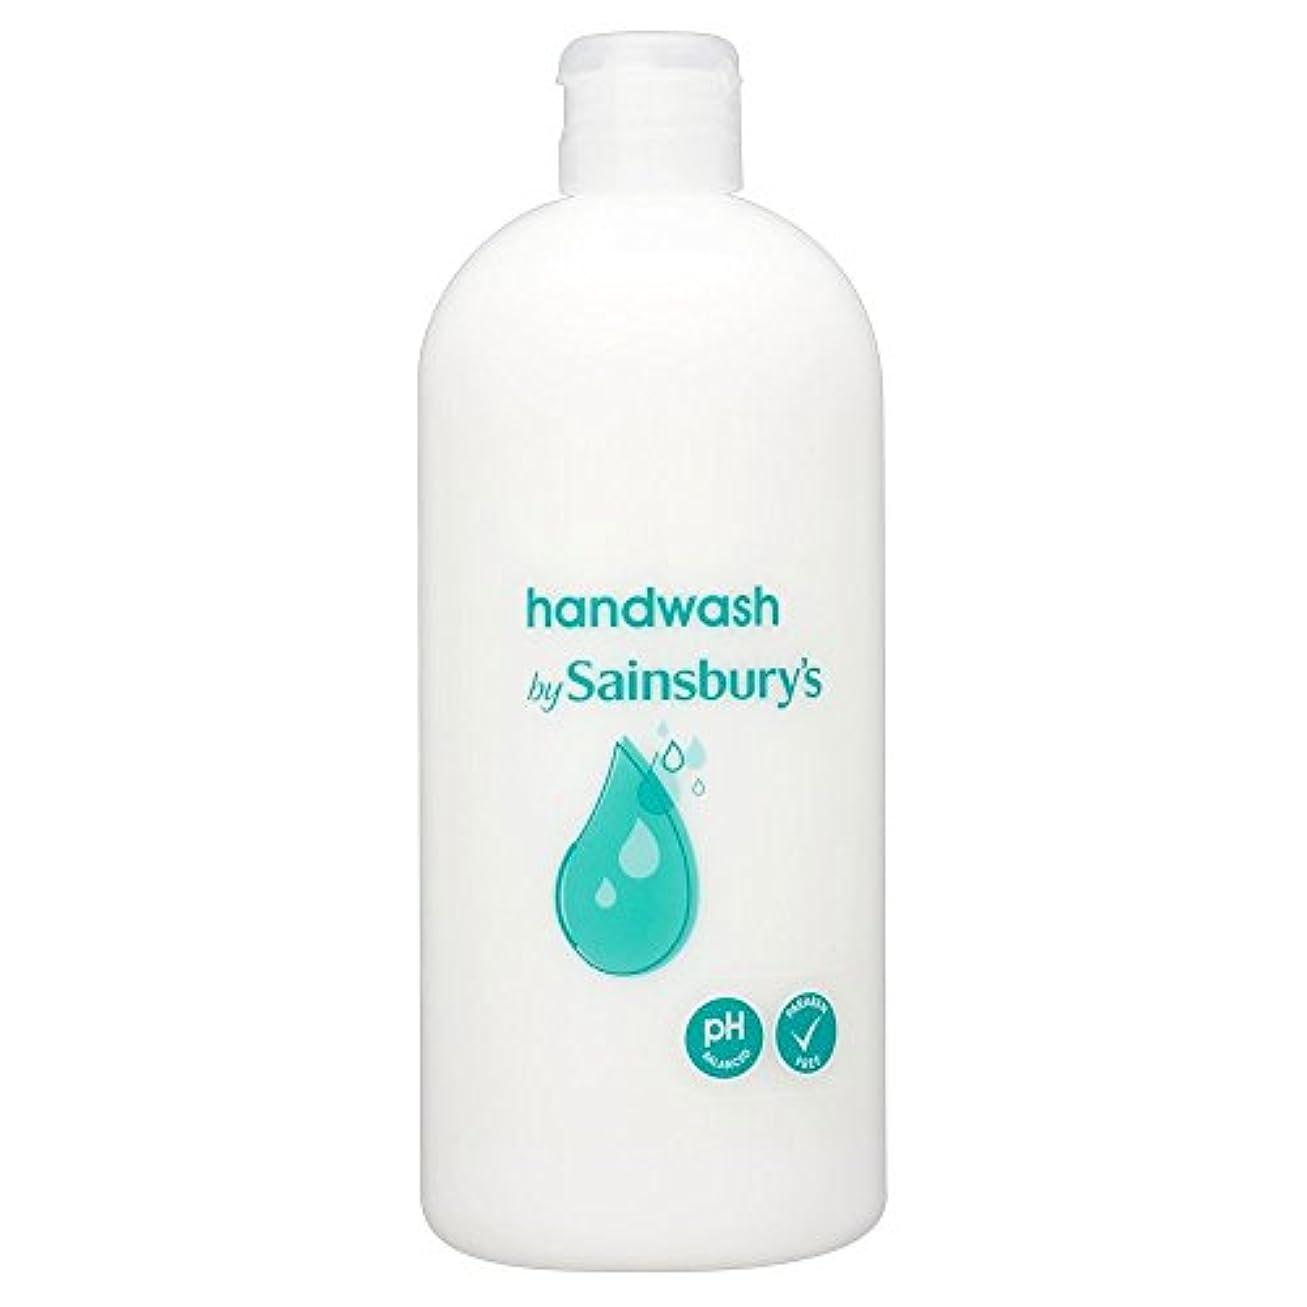 すり減るつまずく逮捕Sainsbury's Handwash, White Refill 500ml (Pack of 2) - (Sainsbury's) 手洗い、白リフィル500ミリリットル (x2) [並行輸入品]